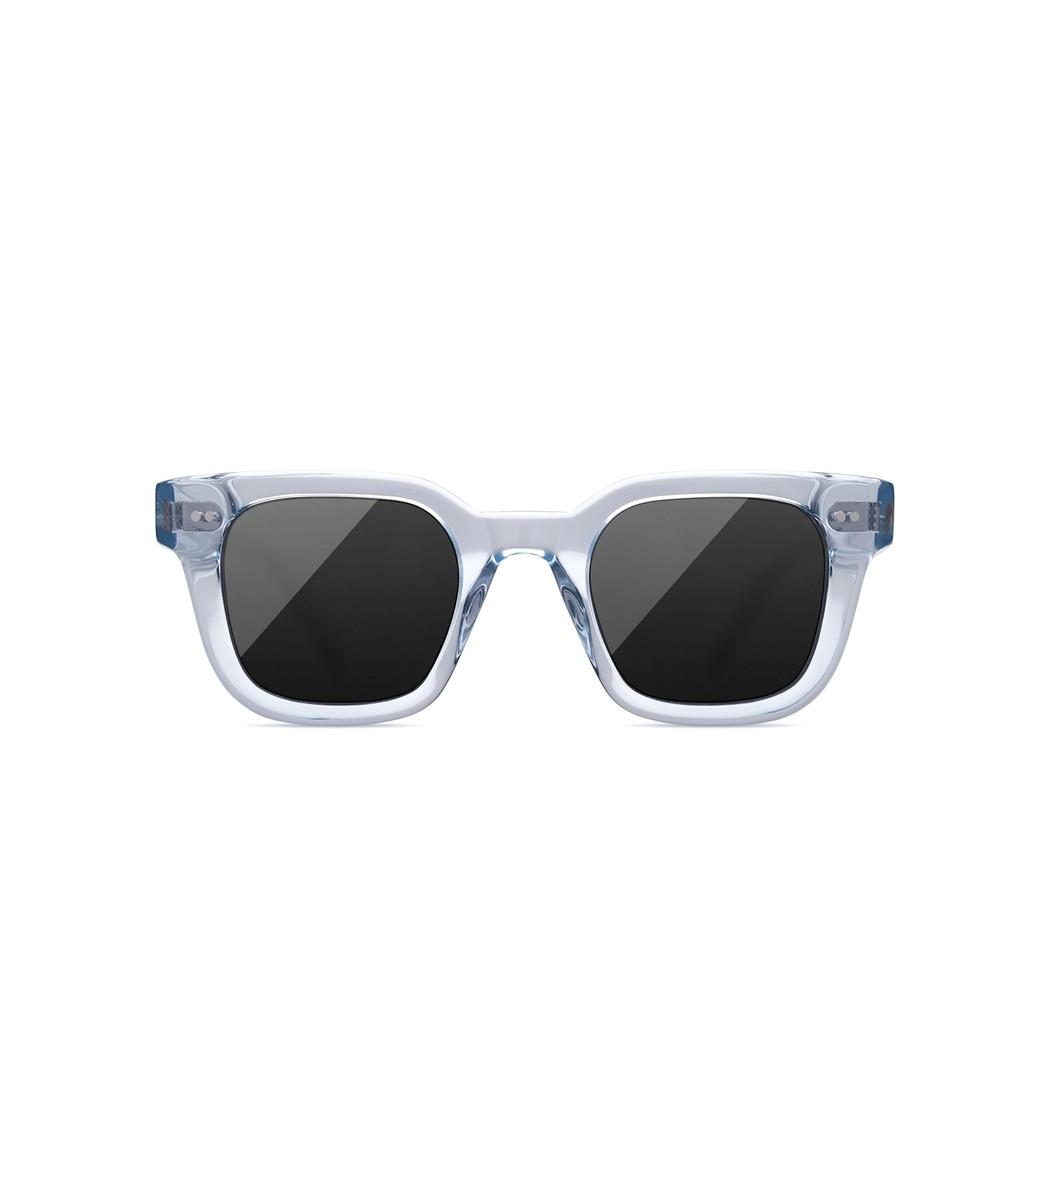 Chimi Sunglasses #004 Black Sunglasses in Litchi